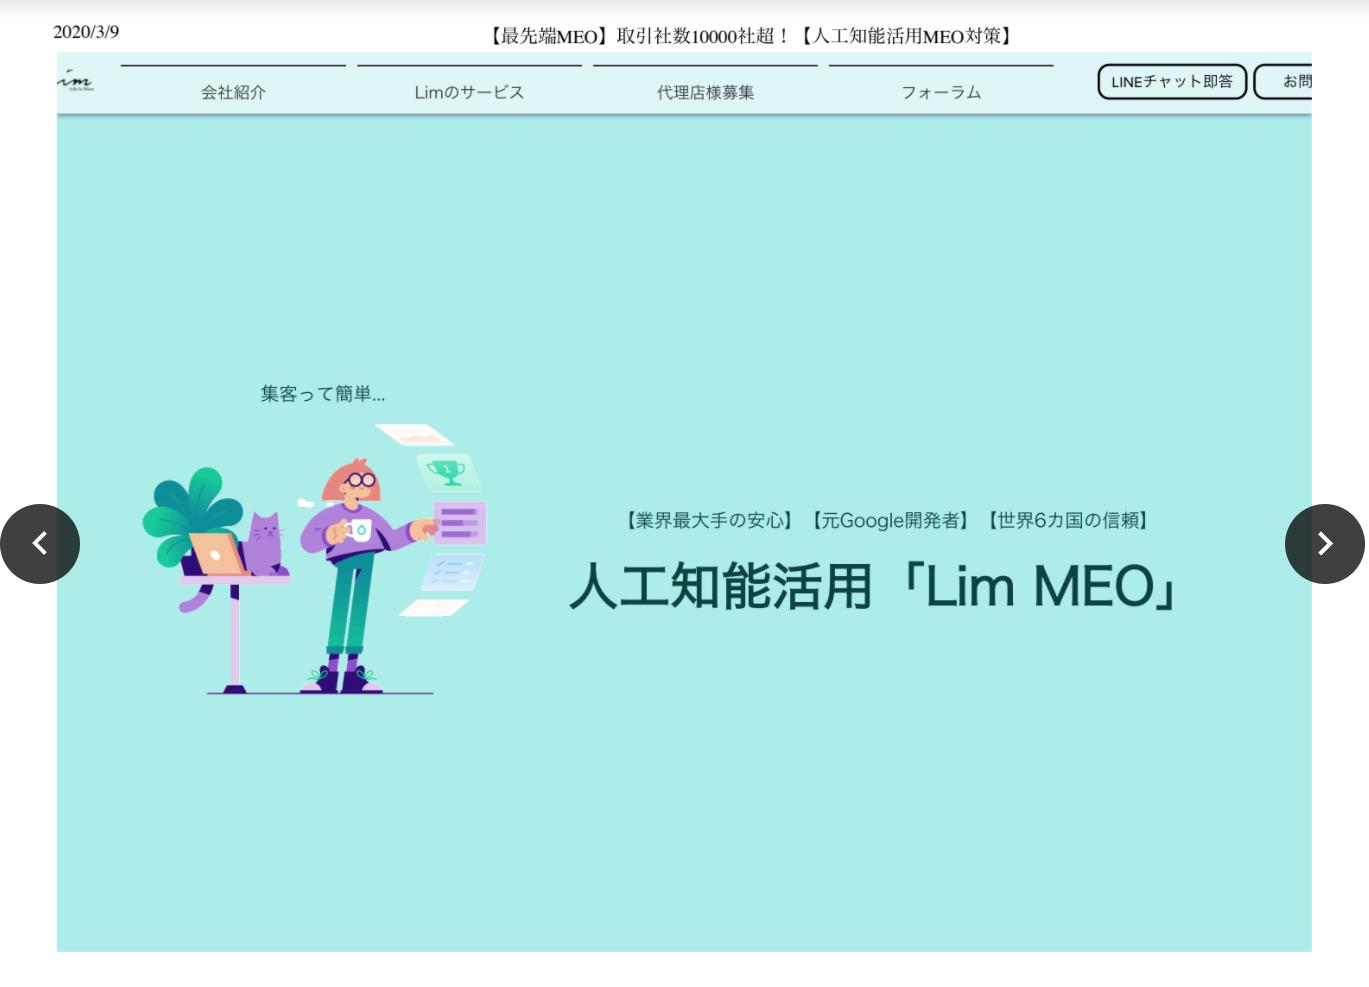 Lim MEOについての評価記事を書くきっかけ